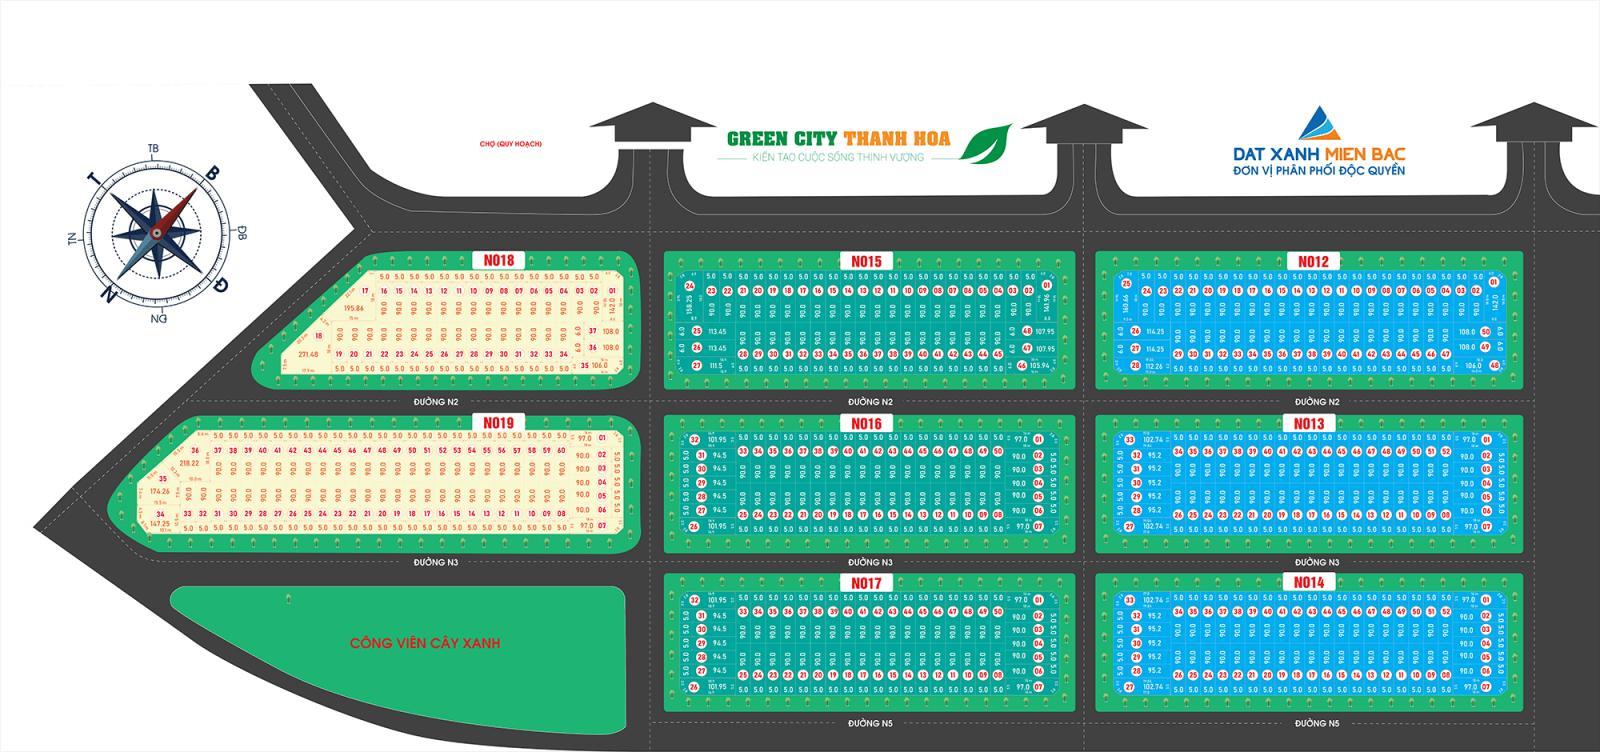 Sơ đồ quy hoạch tổng thể dự án Green City Thanh Hóa